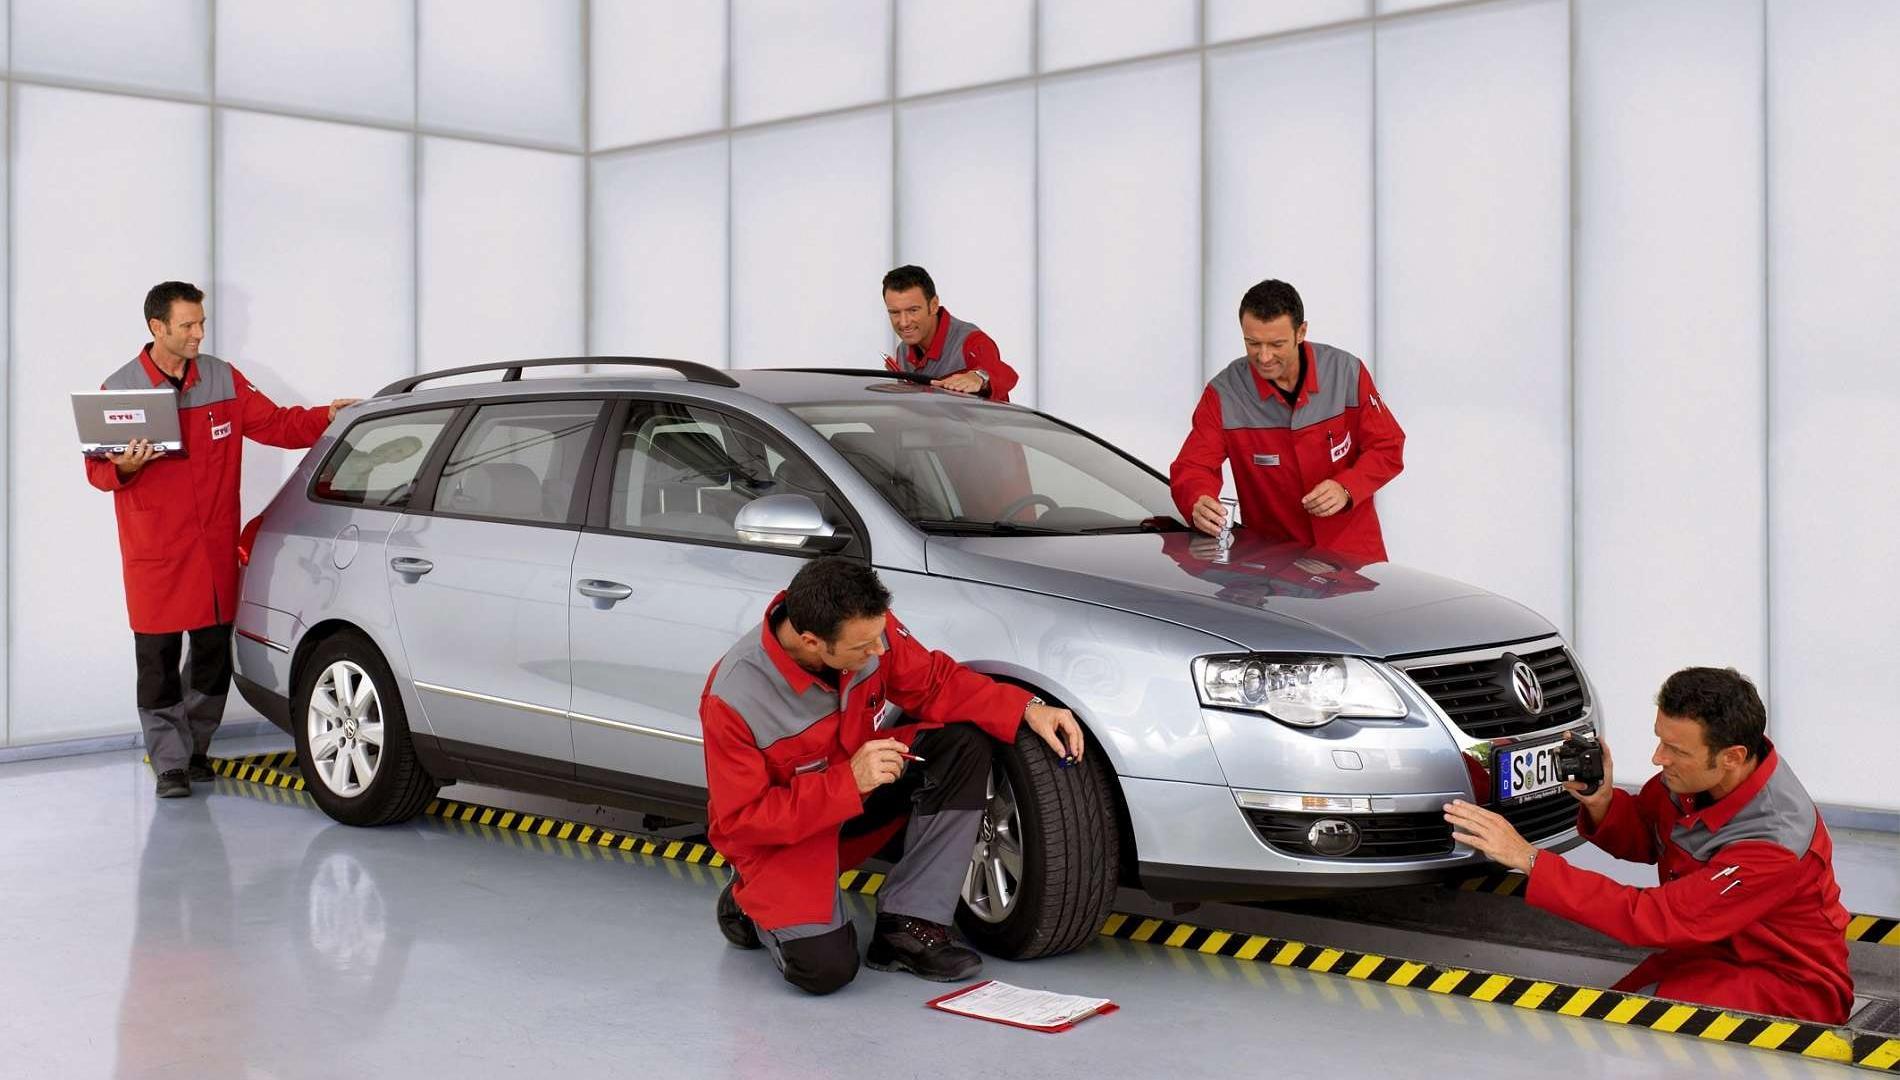 Najnowsze Kupno - sprzedaż używanego samochodu • AutoCentrum.pl ZR29